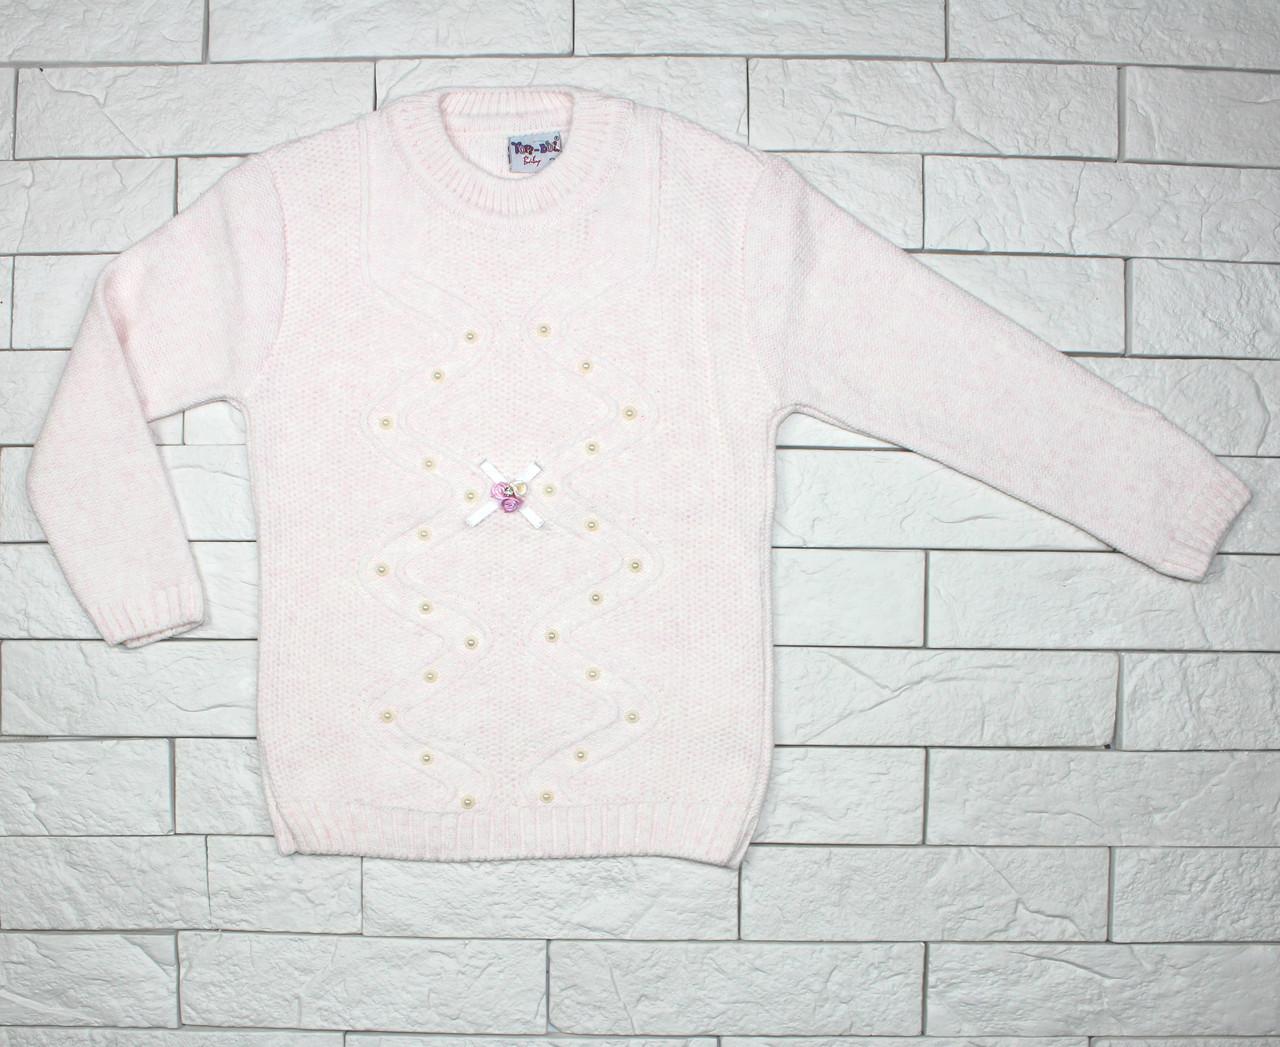 Теплый вязаный свитер нежно-розового цвета для девочки